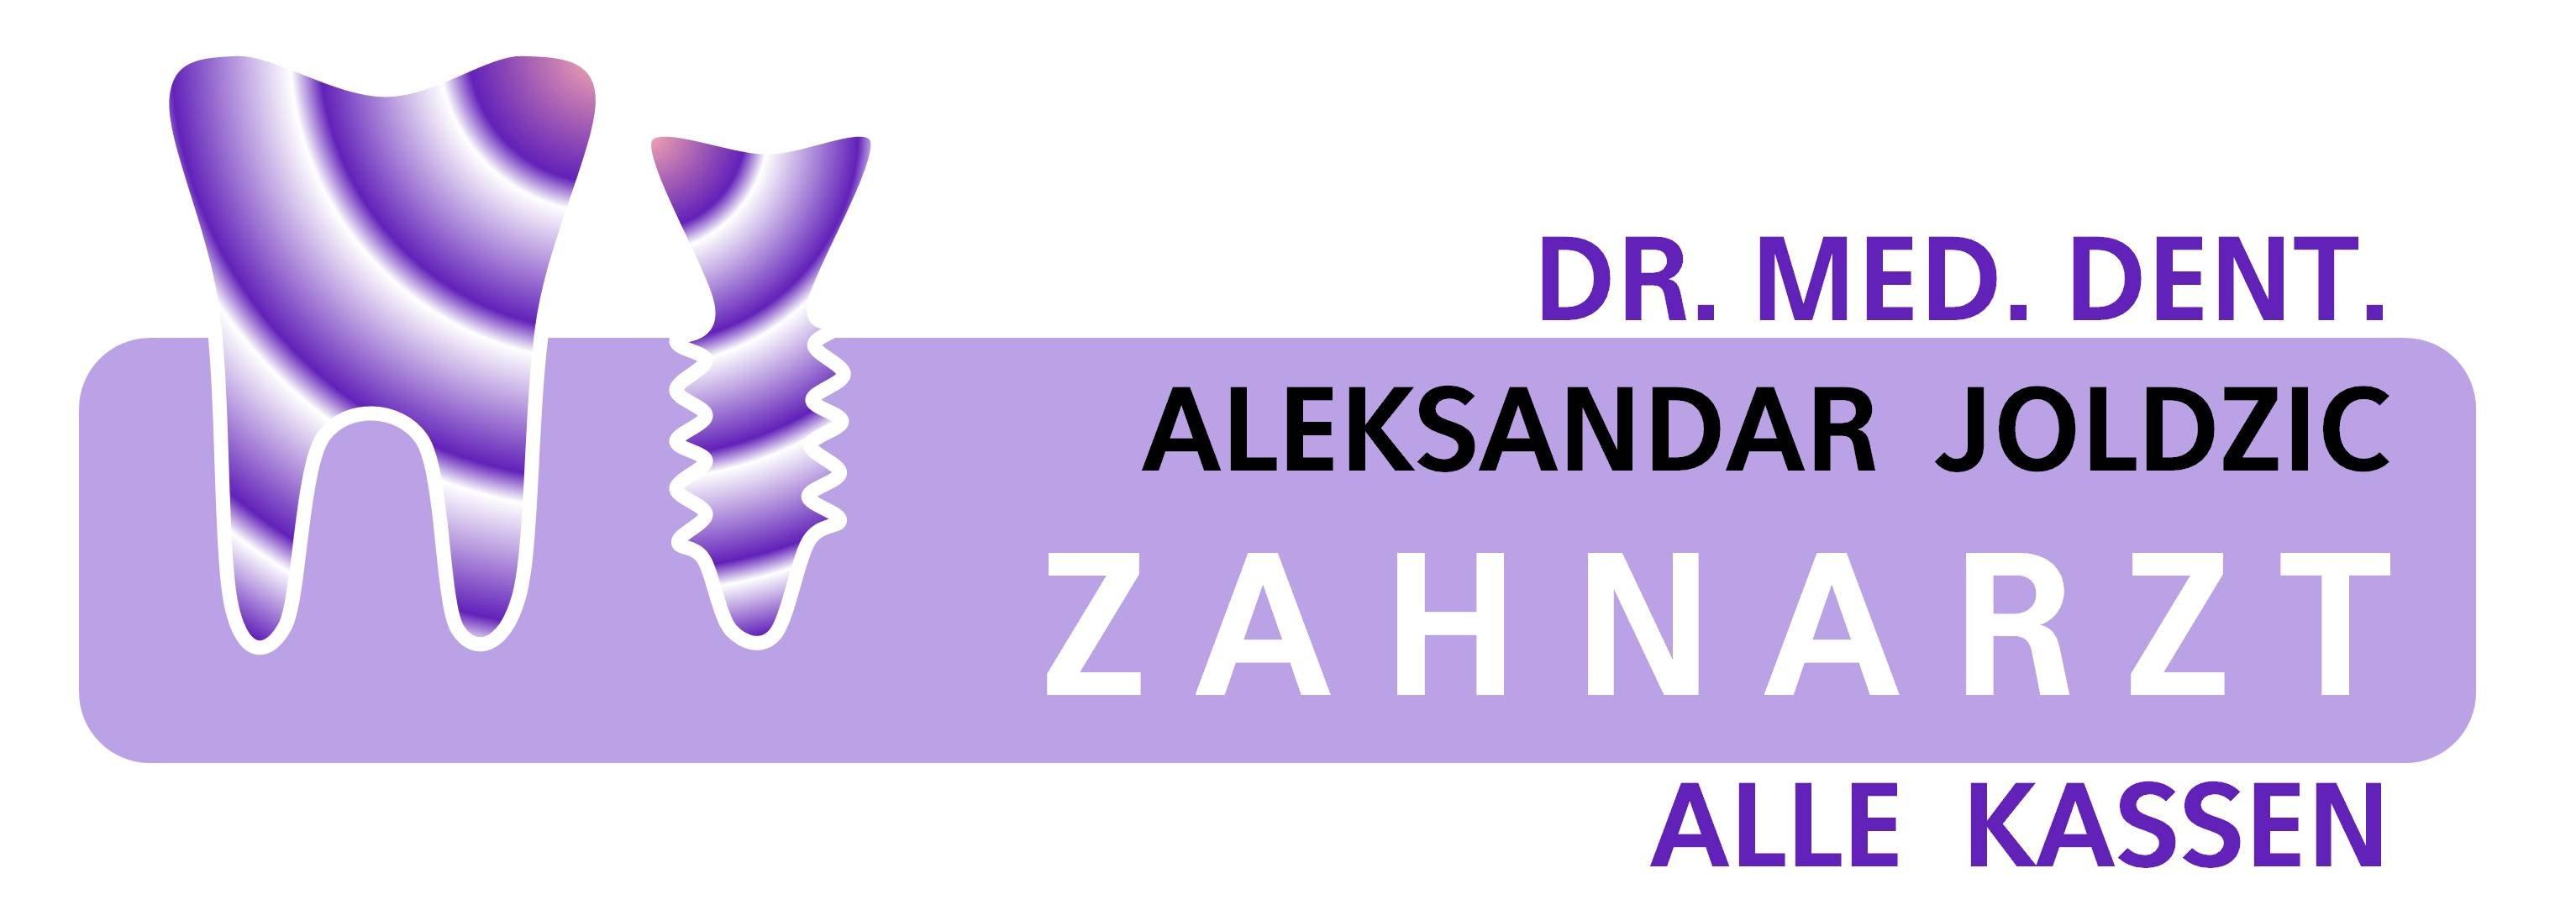 Zahnarzt-urfahr.at